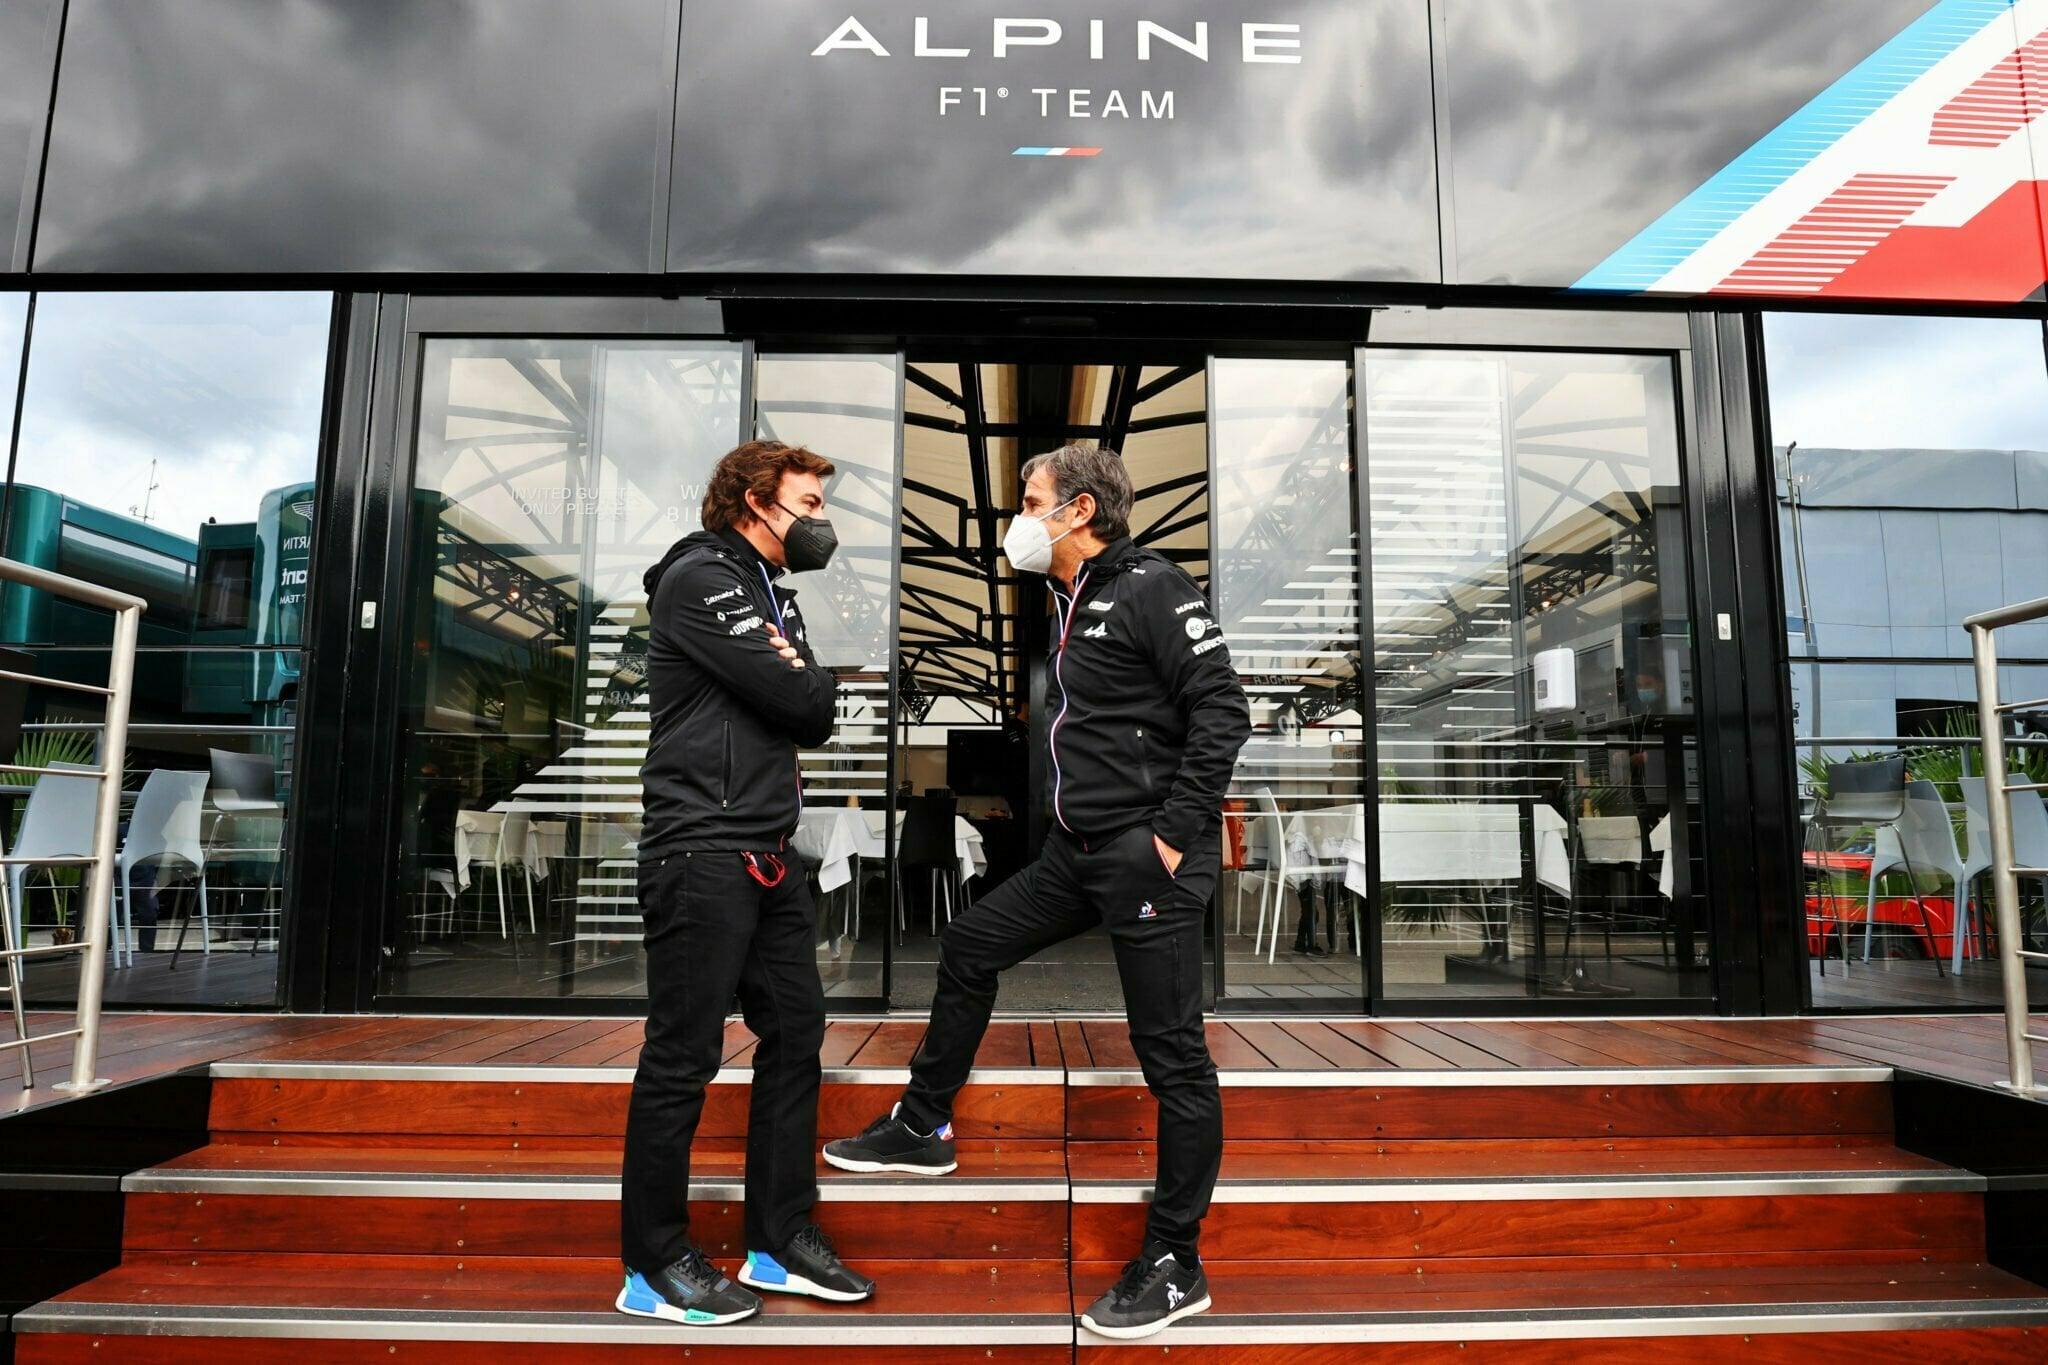 Alpine F1 Team A521 Alonso Ocon Brivio Permane Imola 2021 Test 47   Alpine F1 : Alonso réitère la Q3 et Ocon trébuche en Q1 à Spielberg